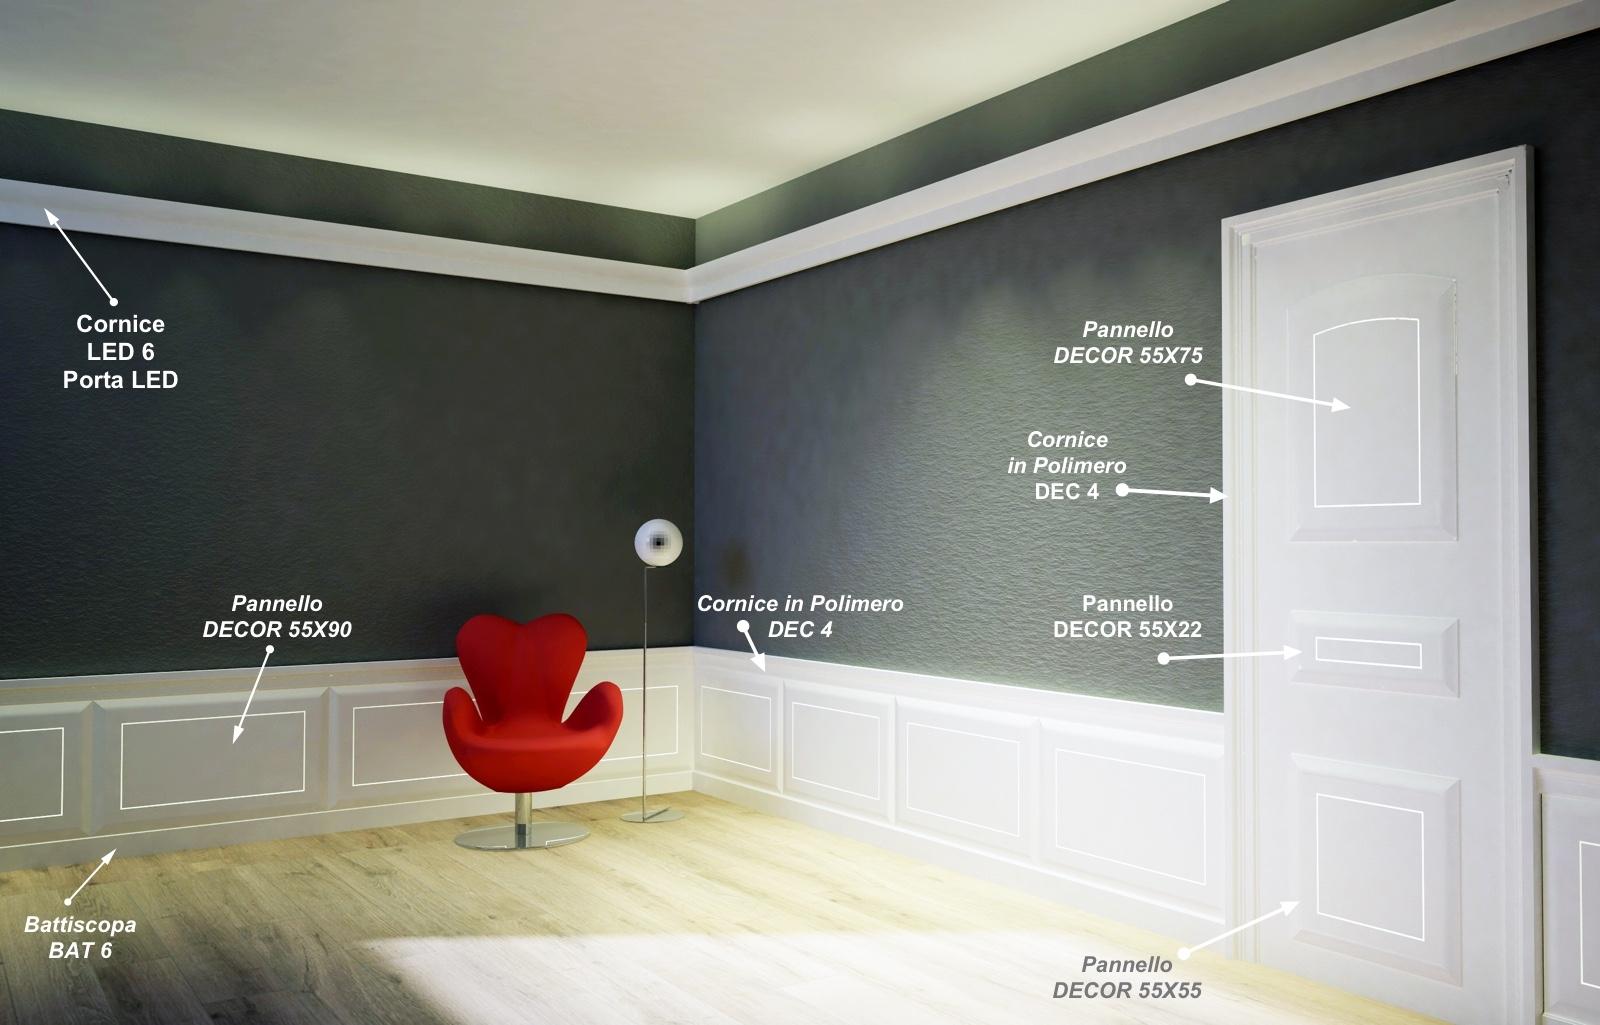 Decor 55x75 - Pannello in MDF Light bianco - Decorget - Ital Decori - Image 1